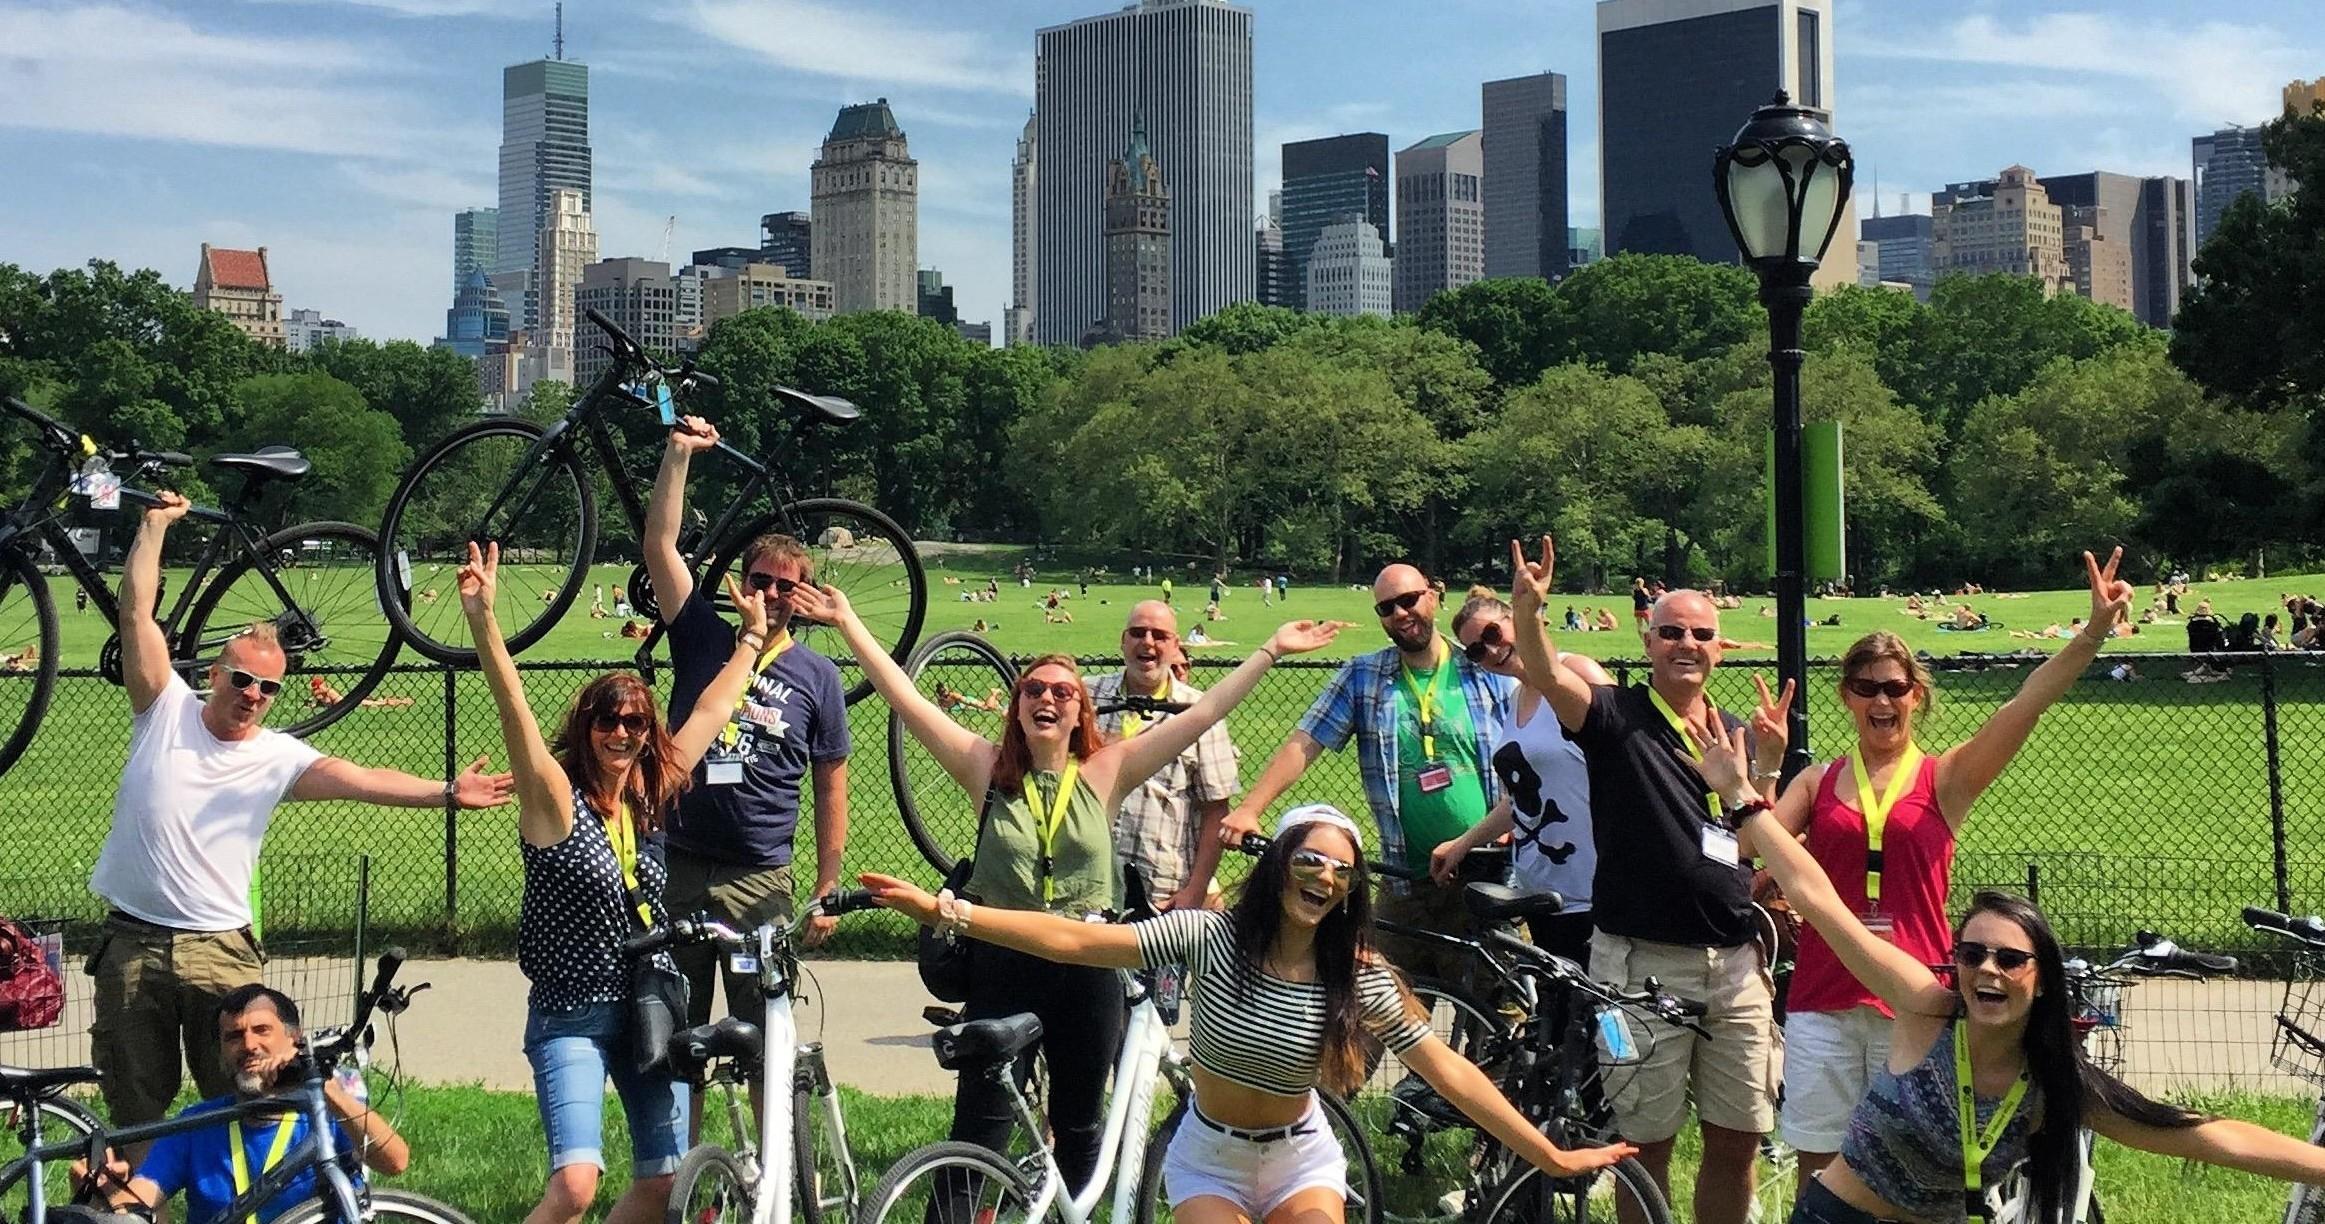 2-Hour Central Park Bike Tours